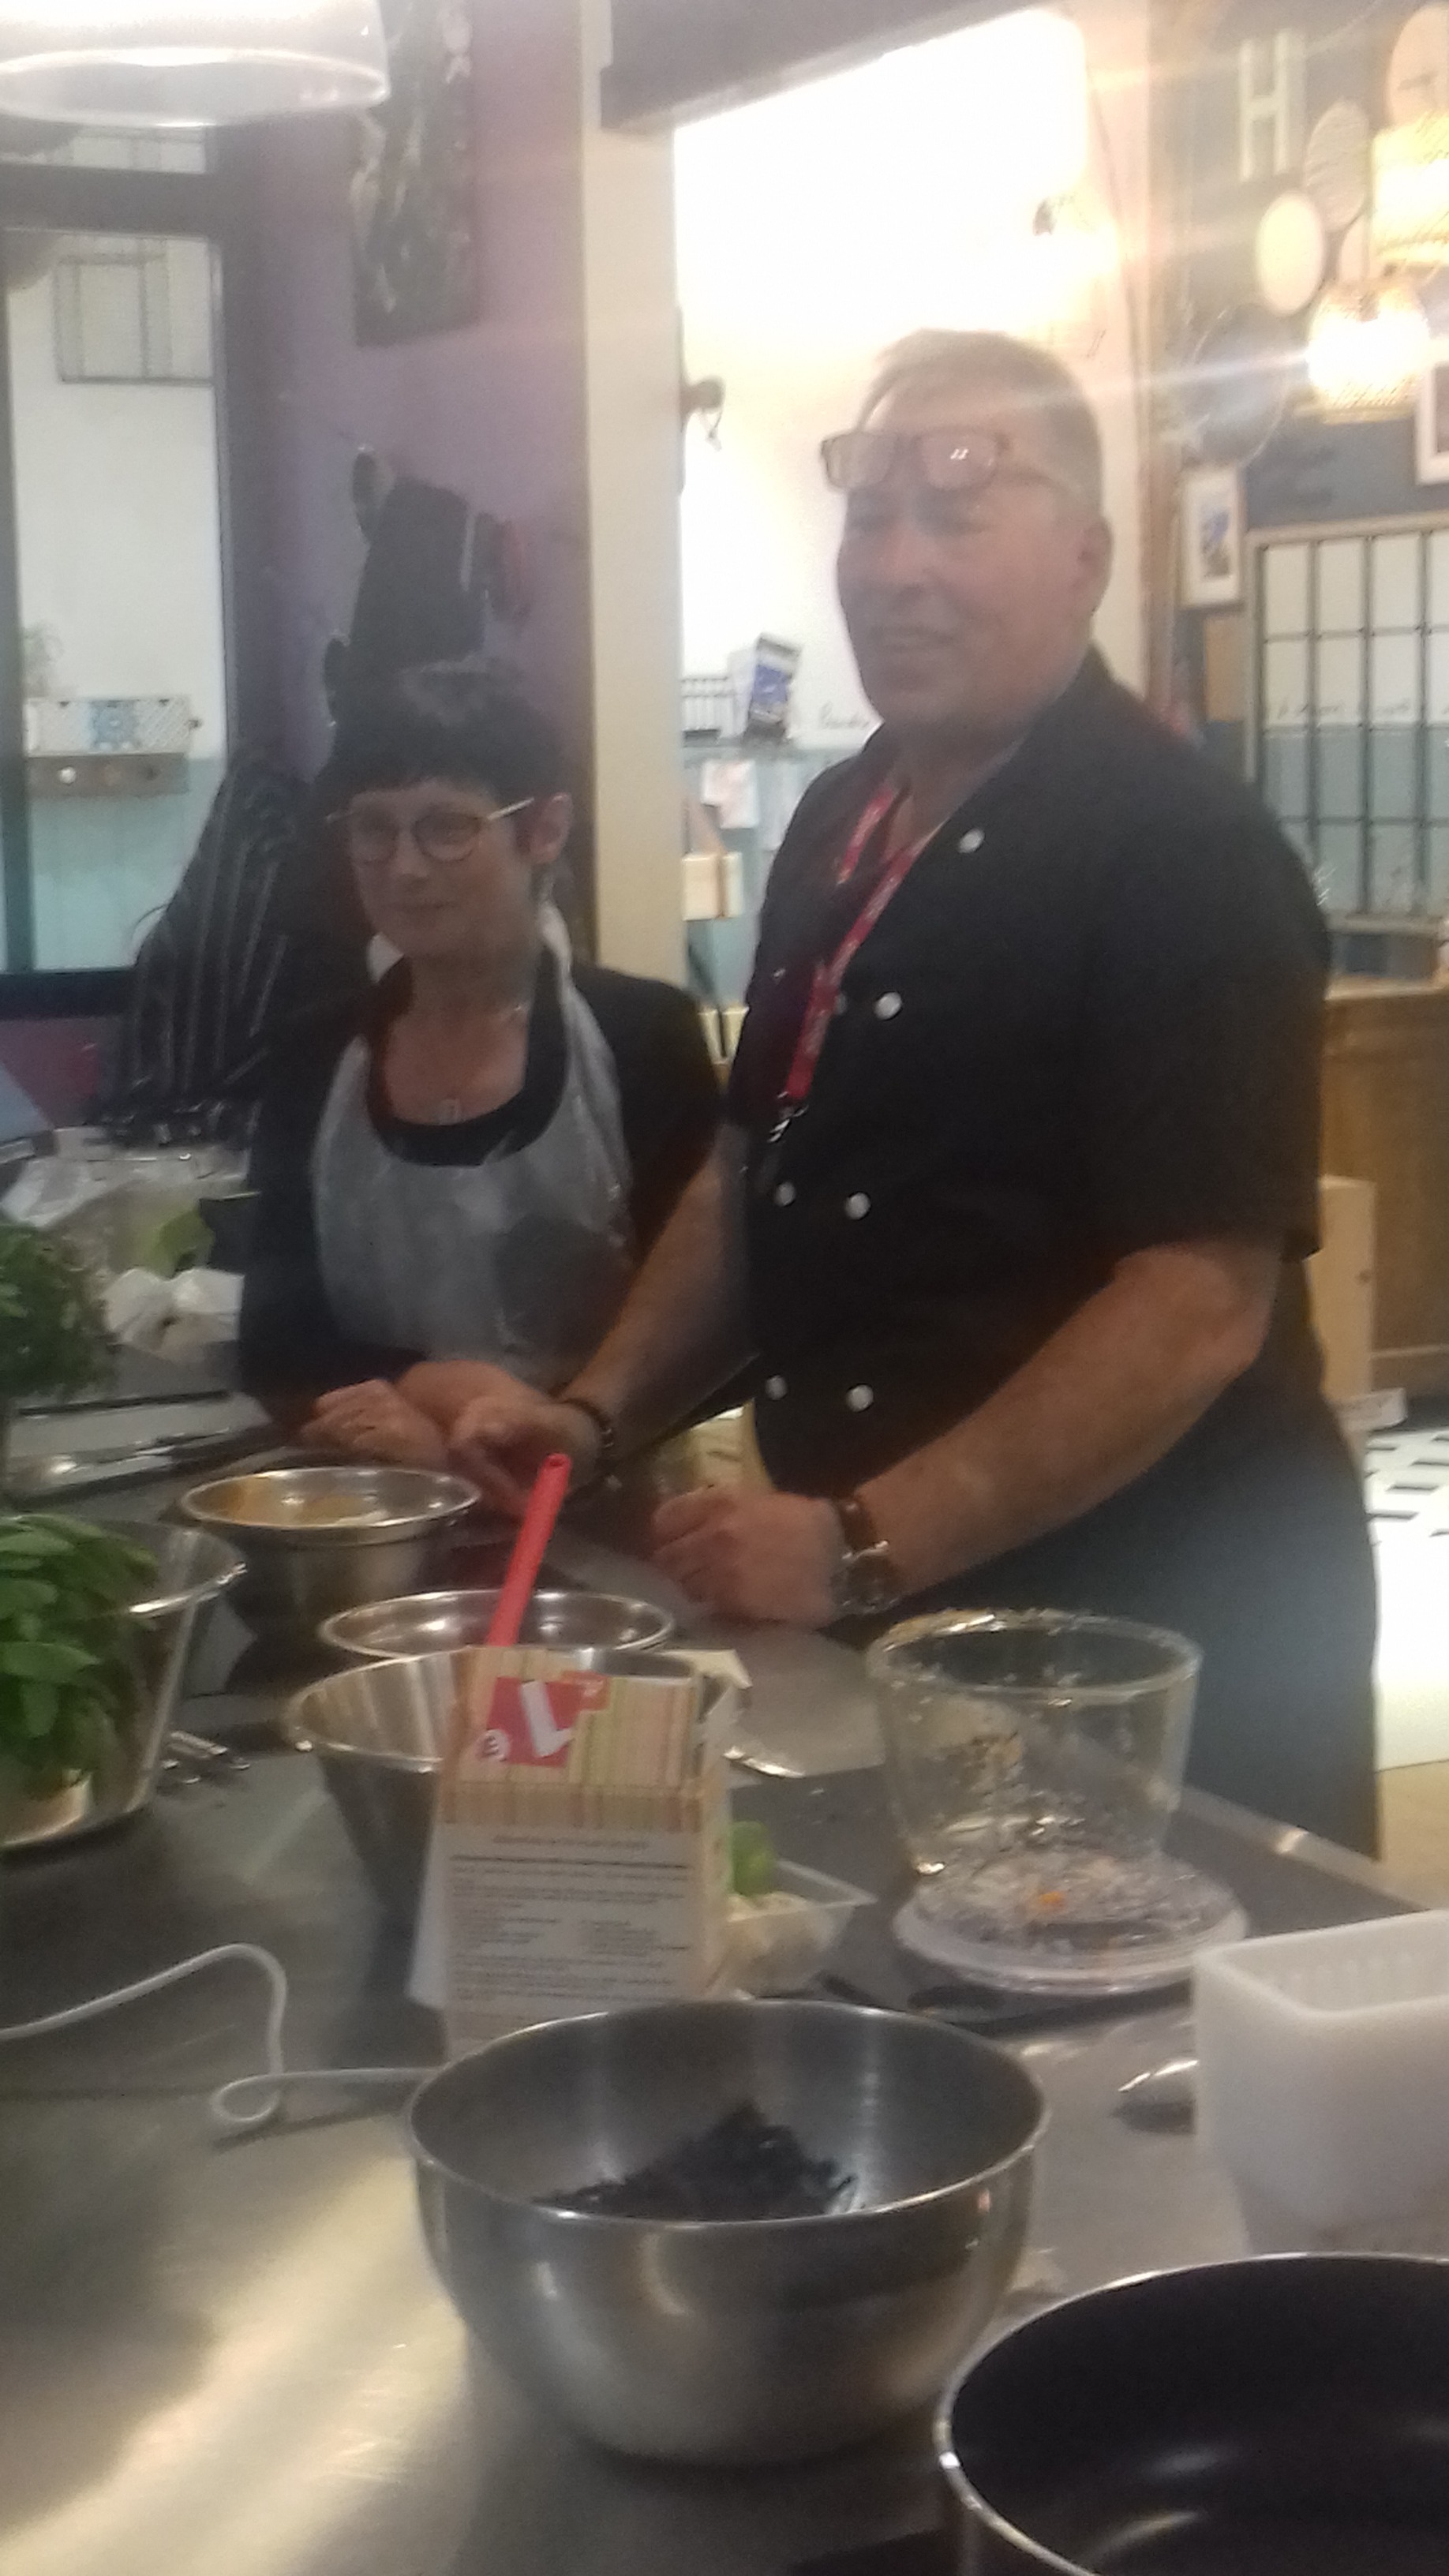 J'ai testé pour vous l'atelier nems  bobun vietnamien  de Chef Philippe  à Plan de campagne  😉